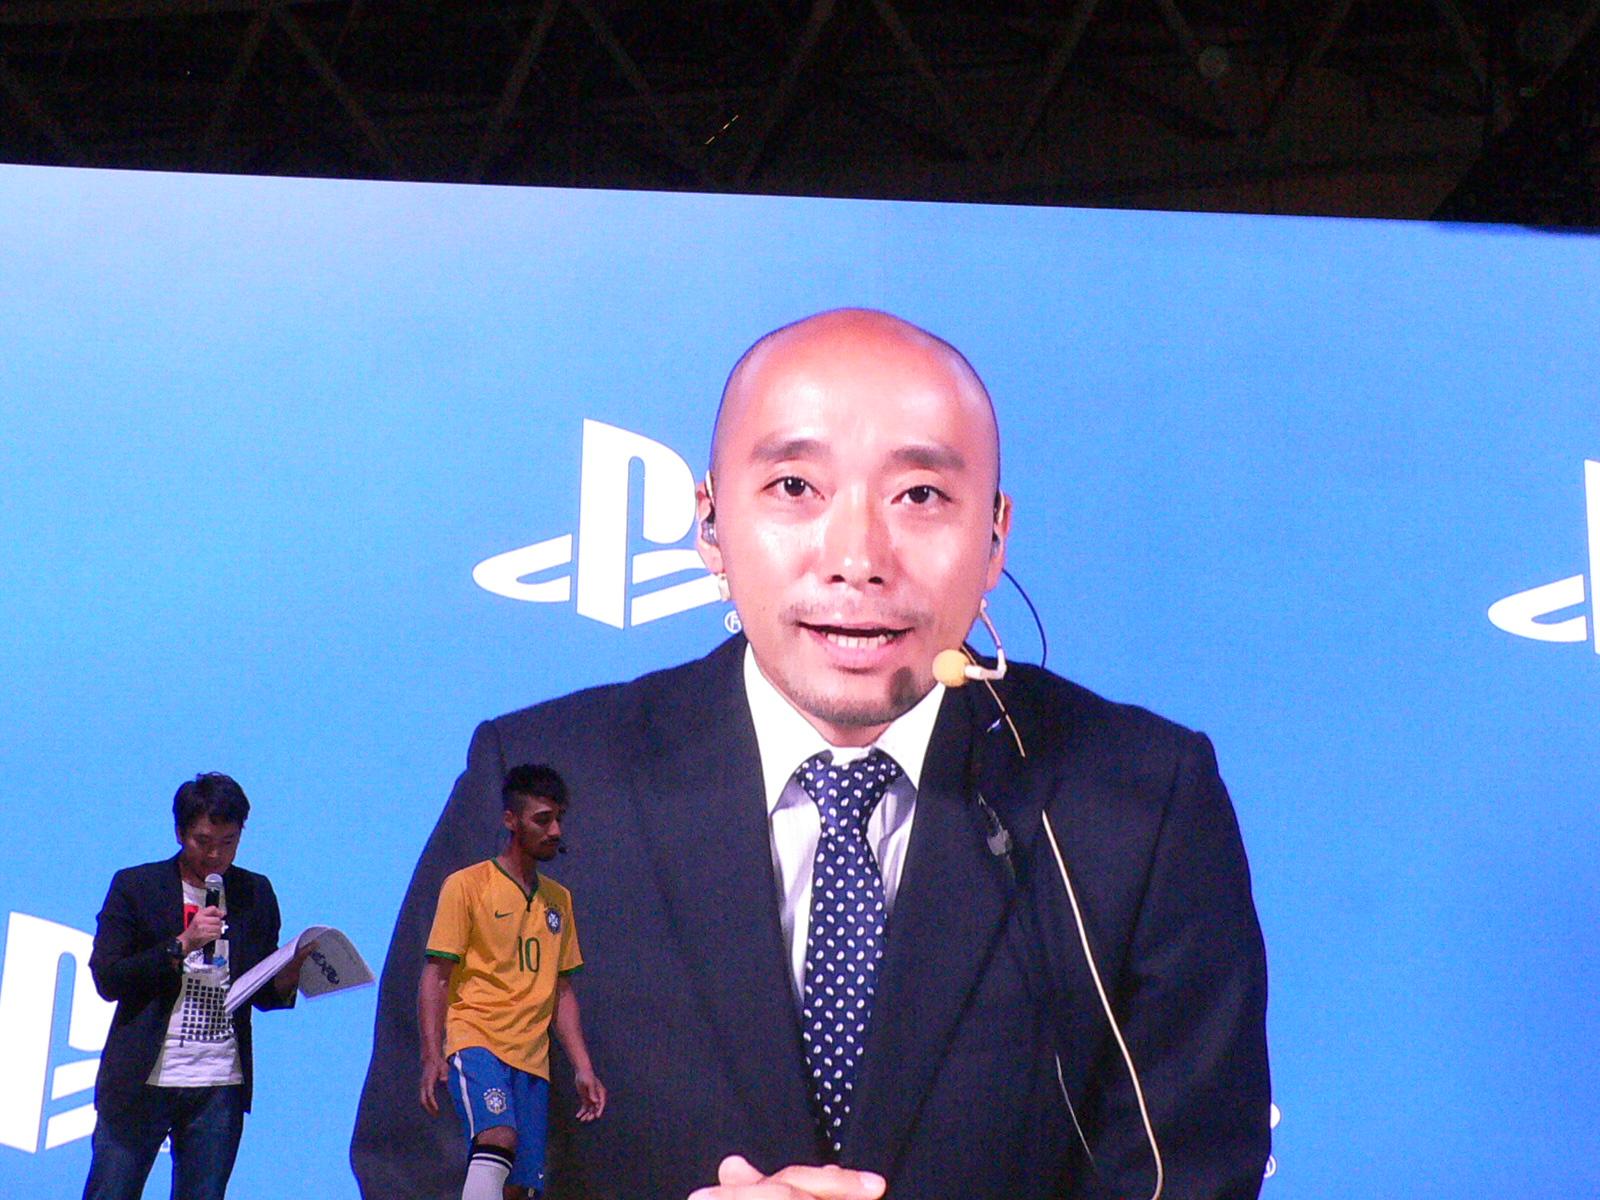 実況はスカパーの試合中継や、ニコ生のサッカー番組などでもおなじみの永田実アナウンサーが担当して試合を盛り上げた